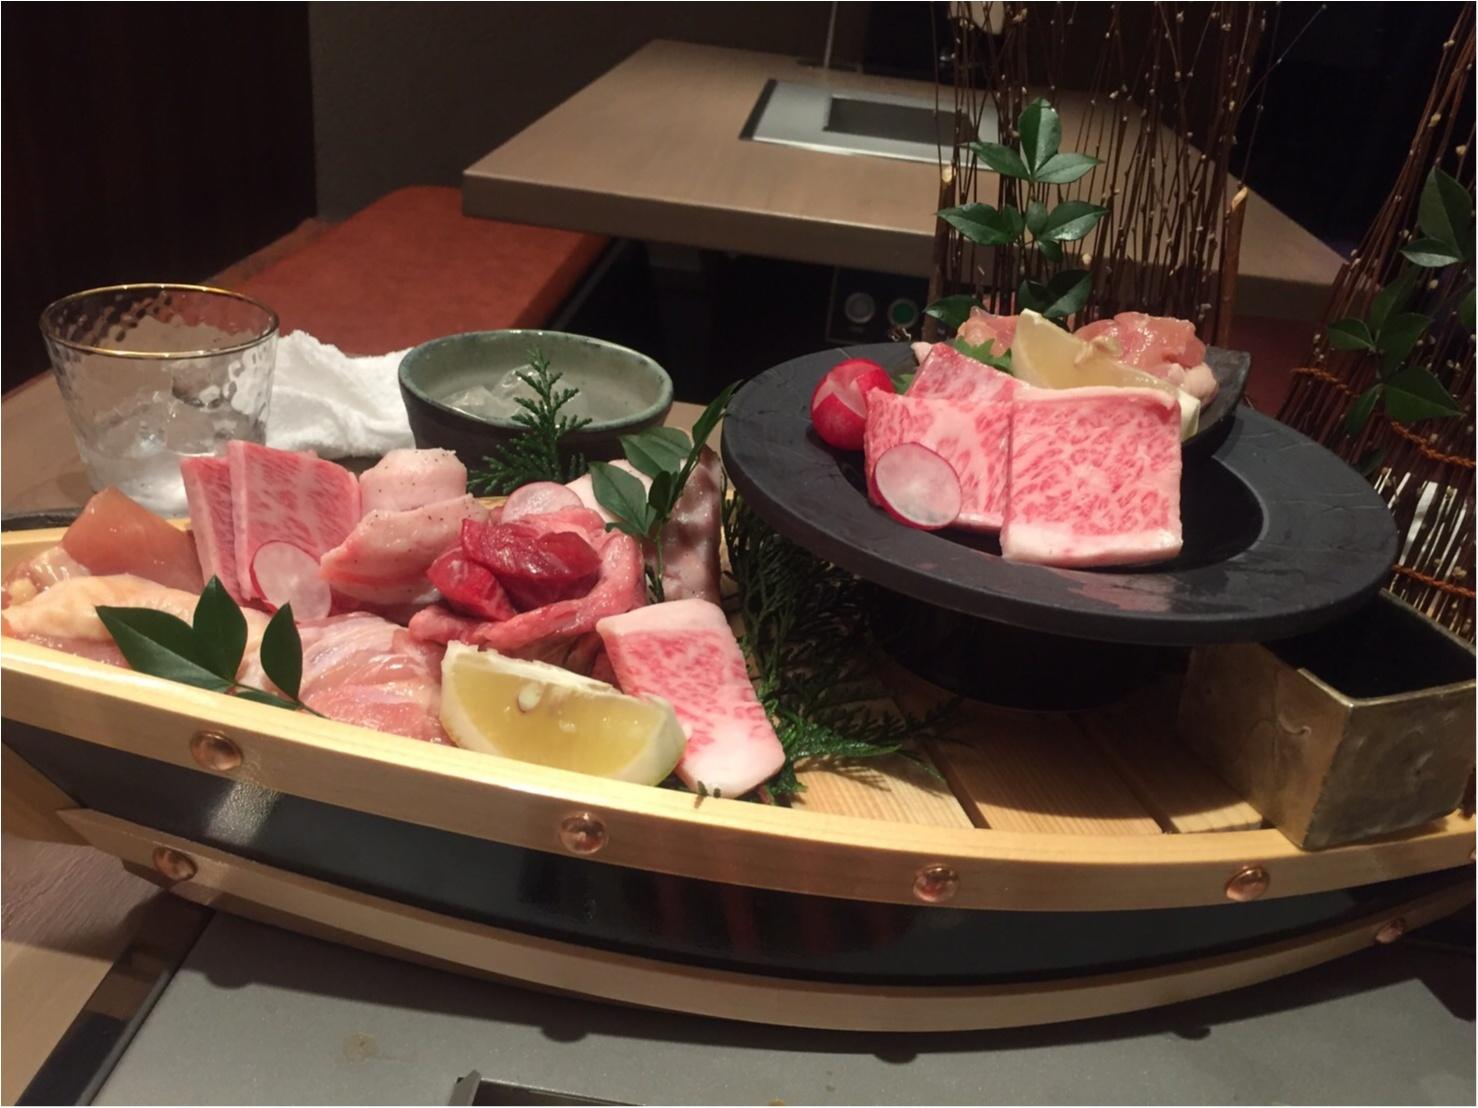 黒毛和牛一頭買!??!?福岡はお肉も美味しい!いまならオープン価格で断然お得♡_1